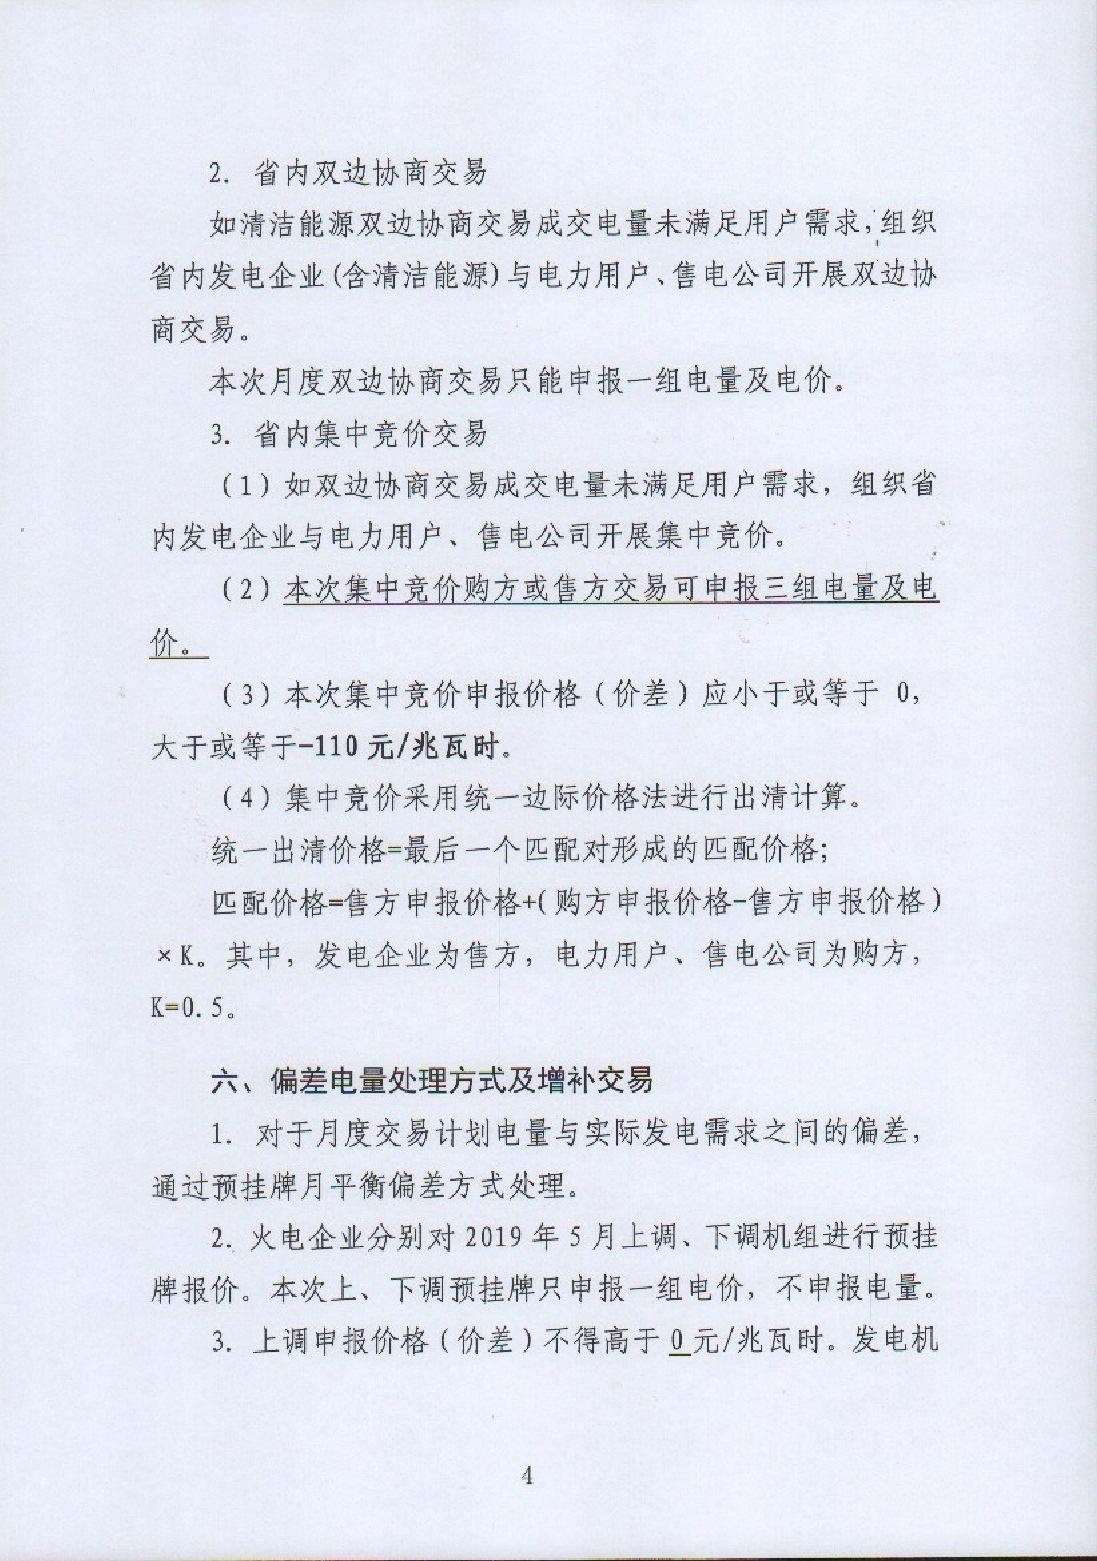 2019年第6號交易公告(5月月度交易).pdf_page_04_compressed.jpg